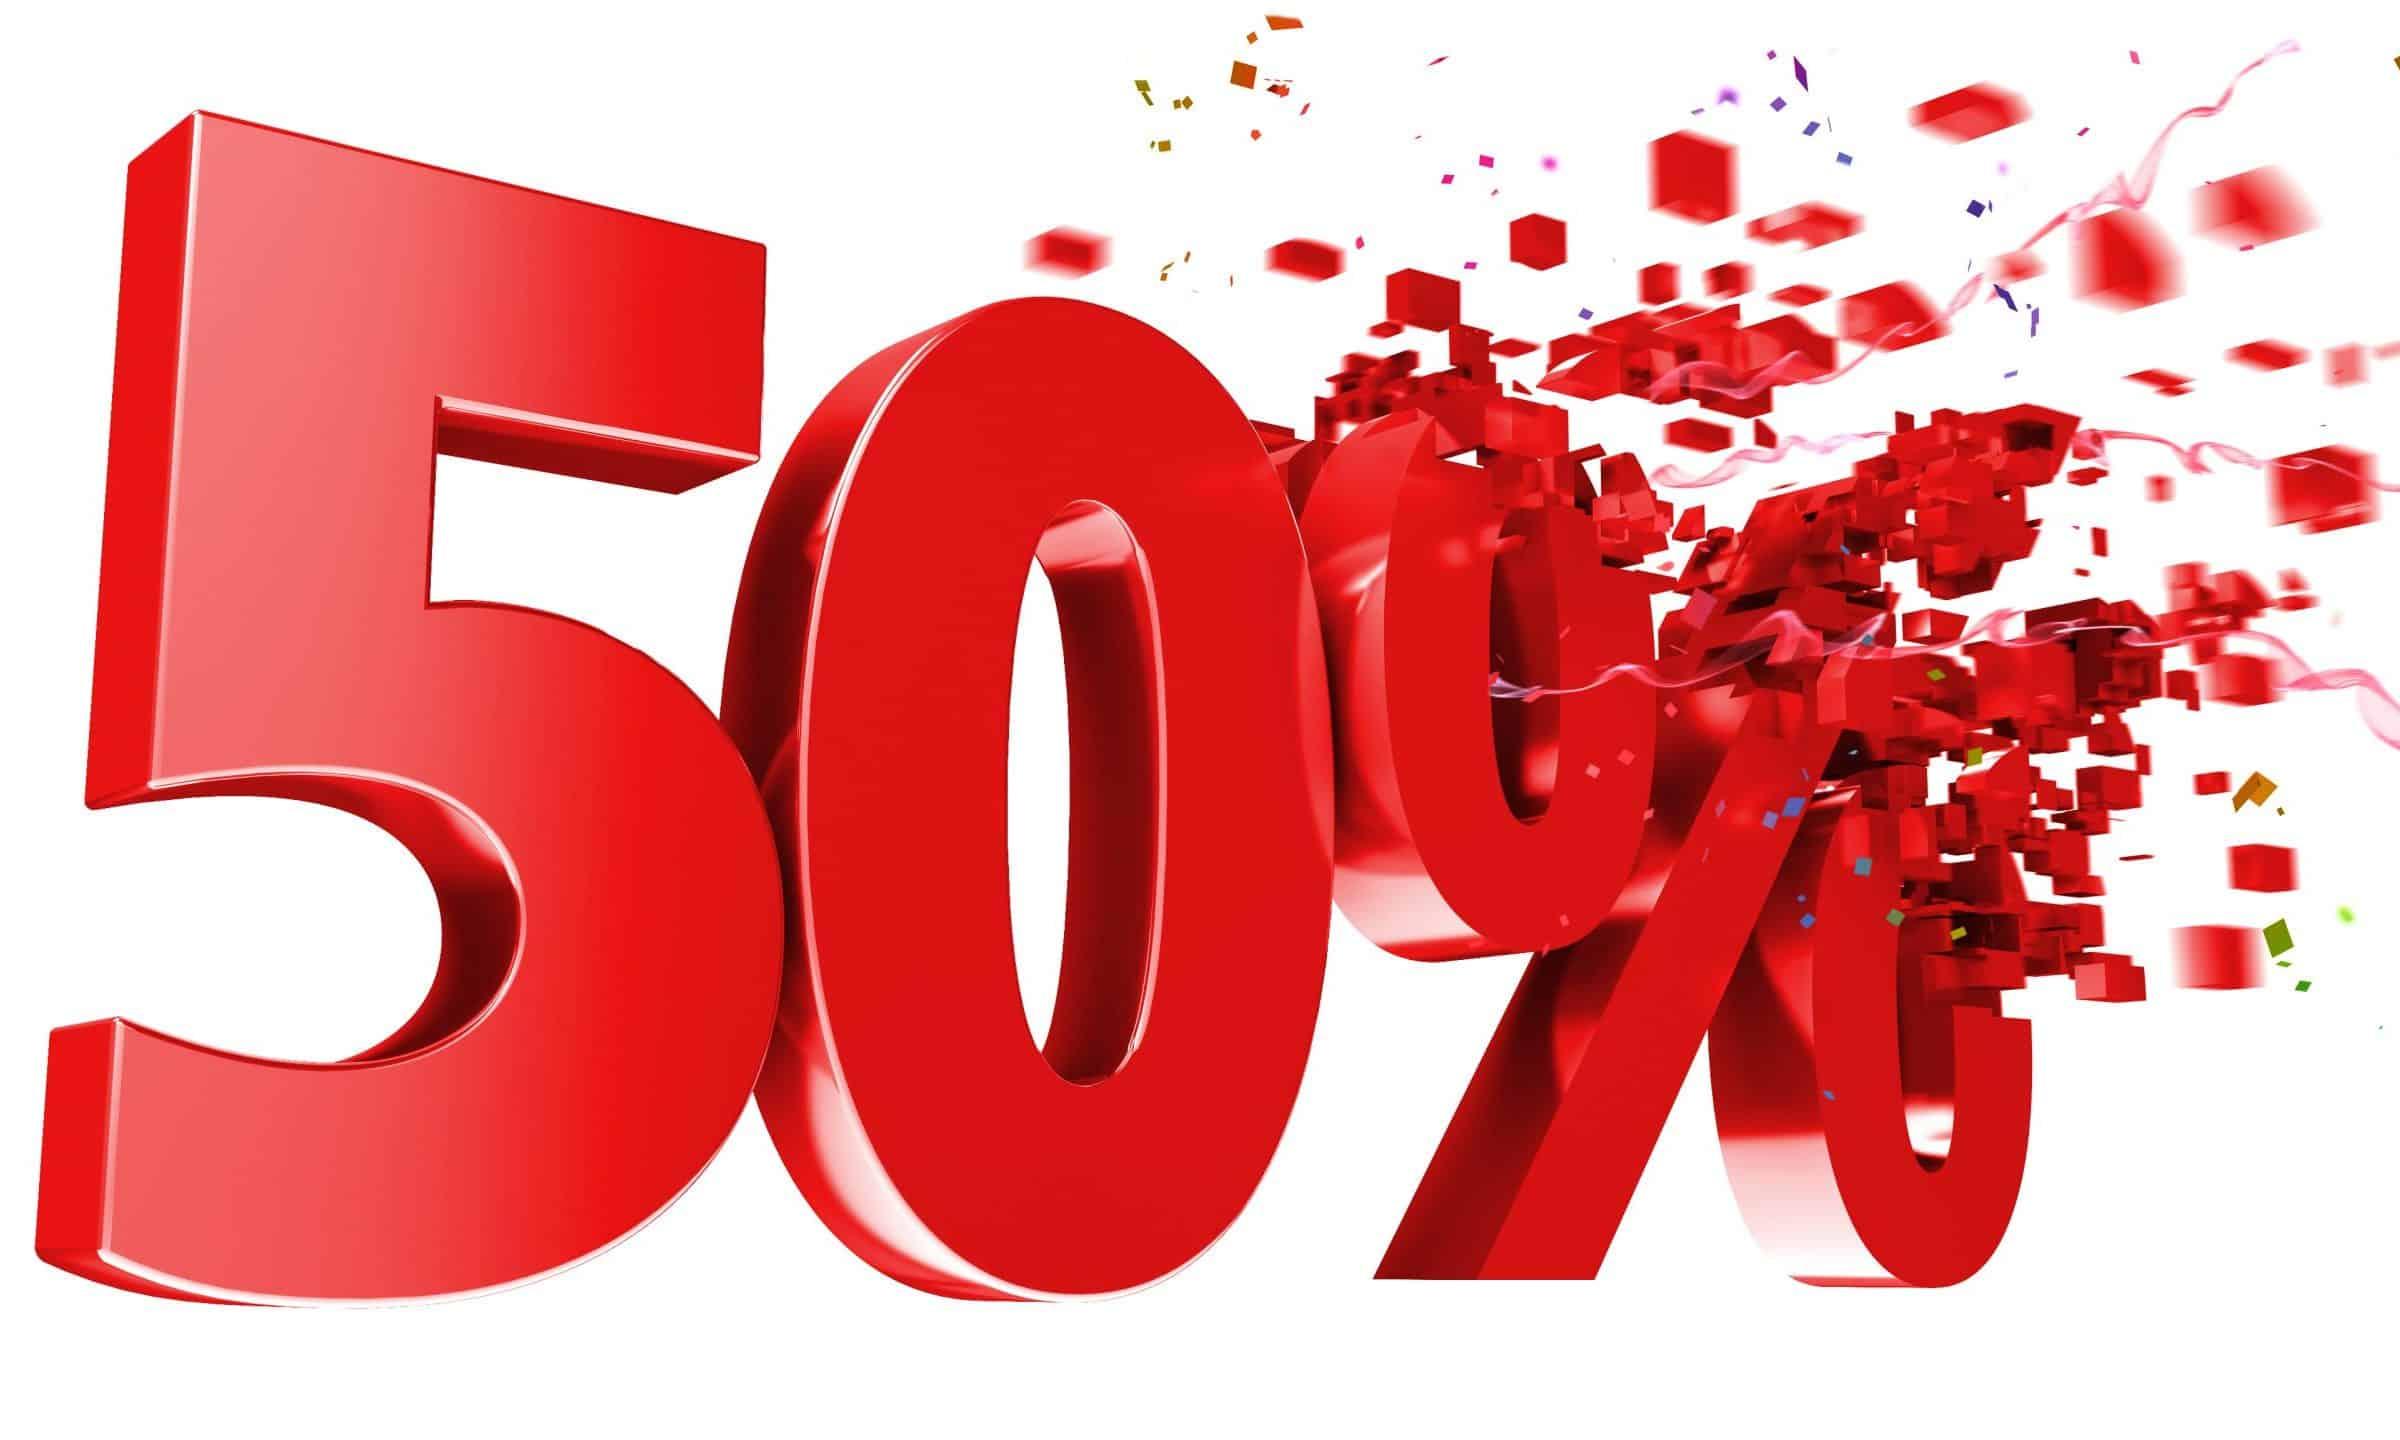 a 50 percent off image